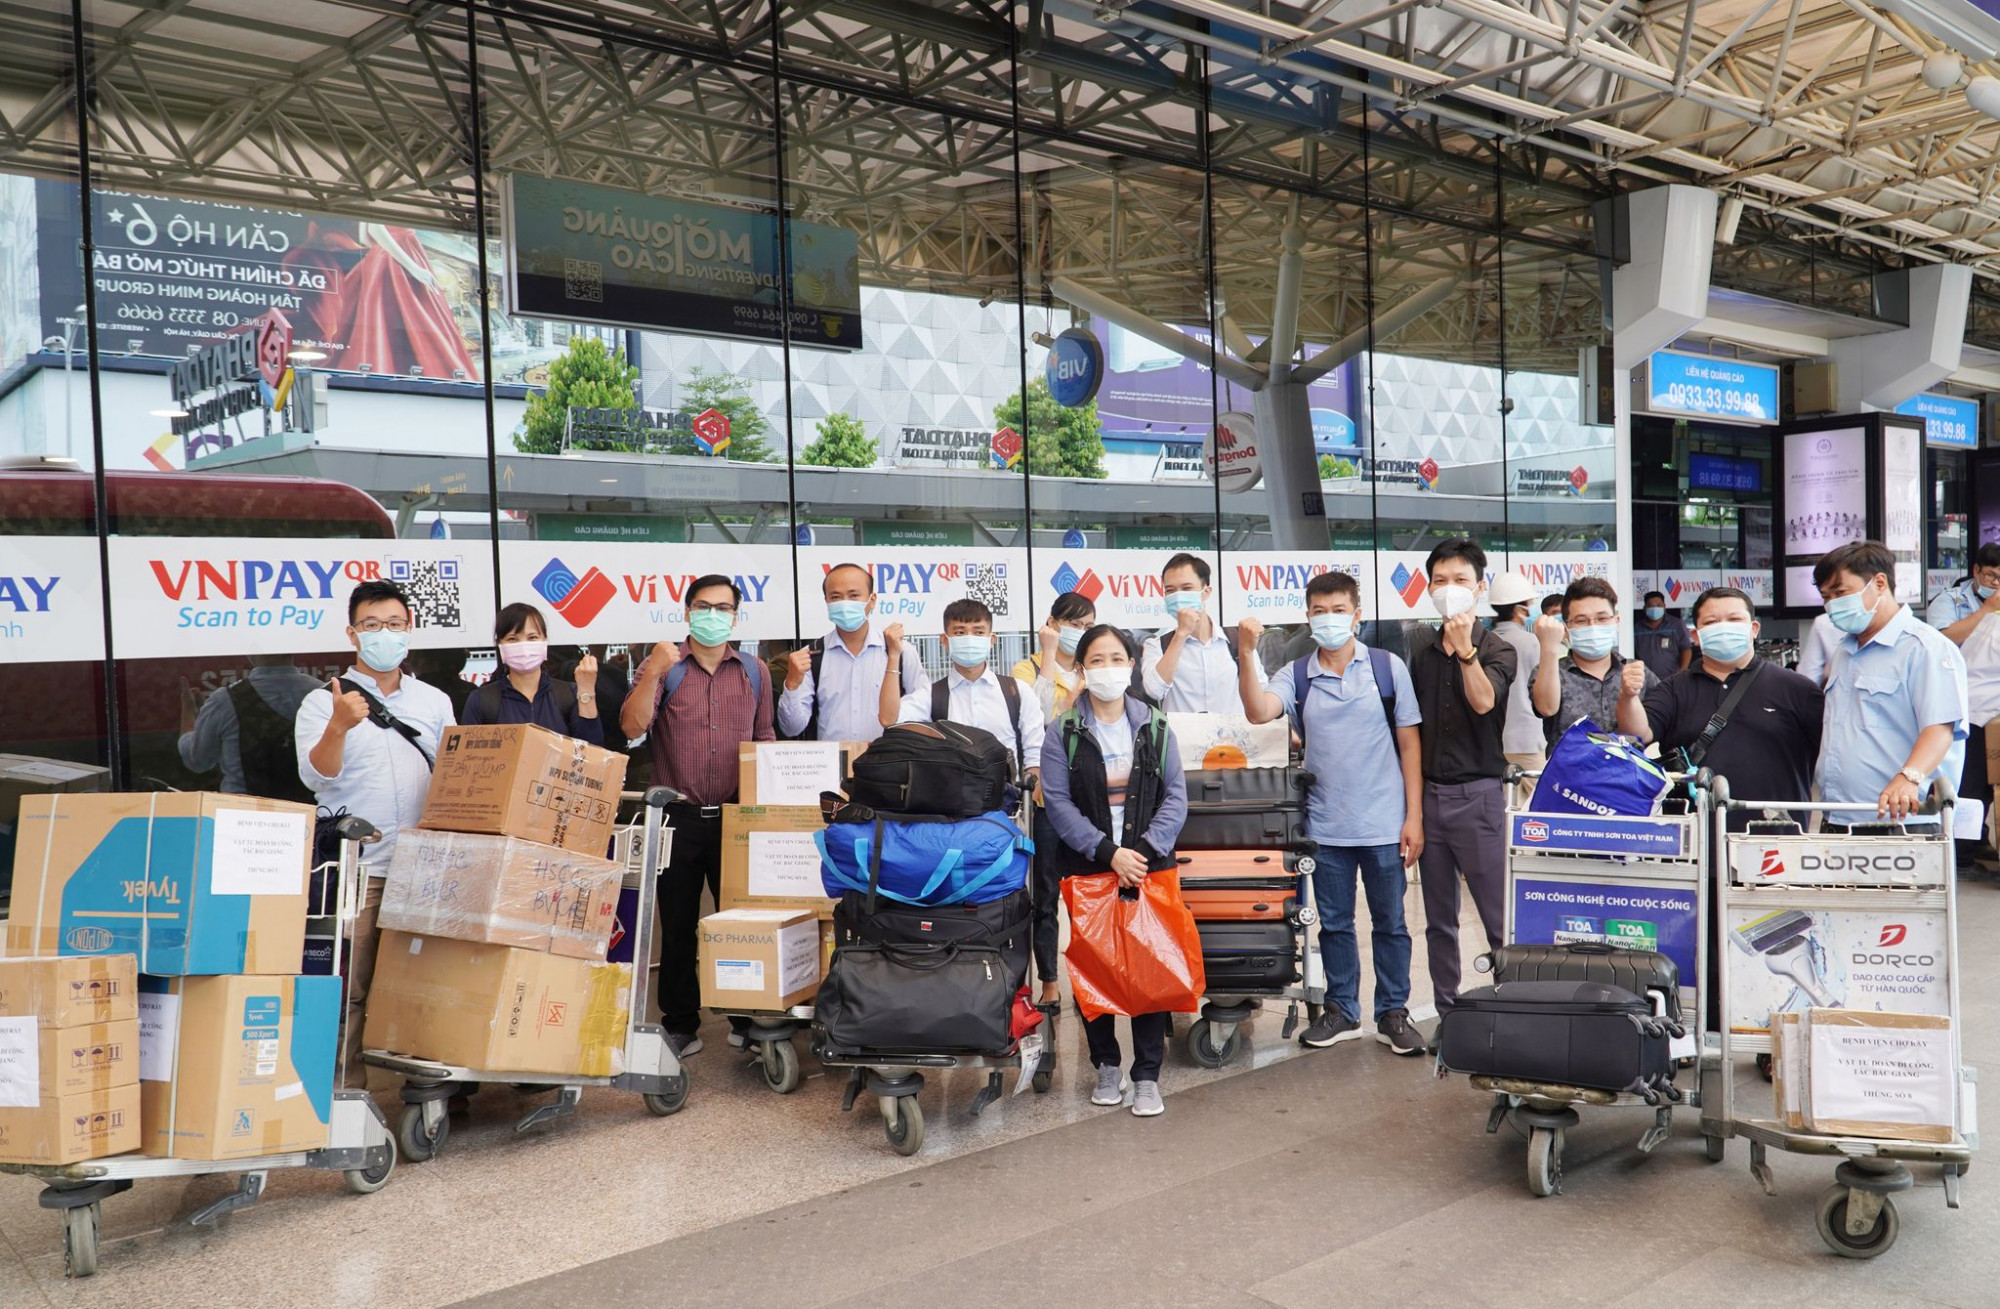 Ê kíp gồm 13 thành viên, trong đó có BSCKII Trần Thanh Linh - Phó trưởng khoa Hồi sức Cấp cứu, Bệnh viện Chợ Rẫy cùng 5 bác sĩ khác và 7 điều dưỡng, kỹ thuật viên tại các khoa